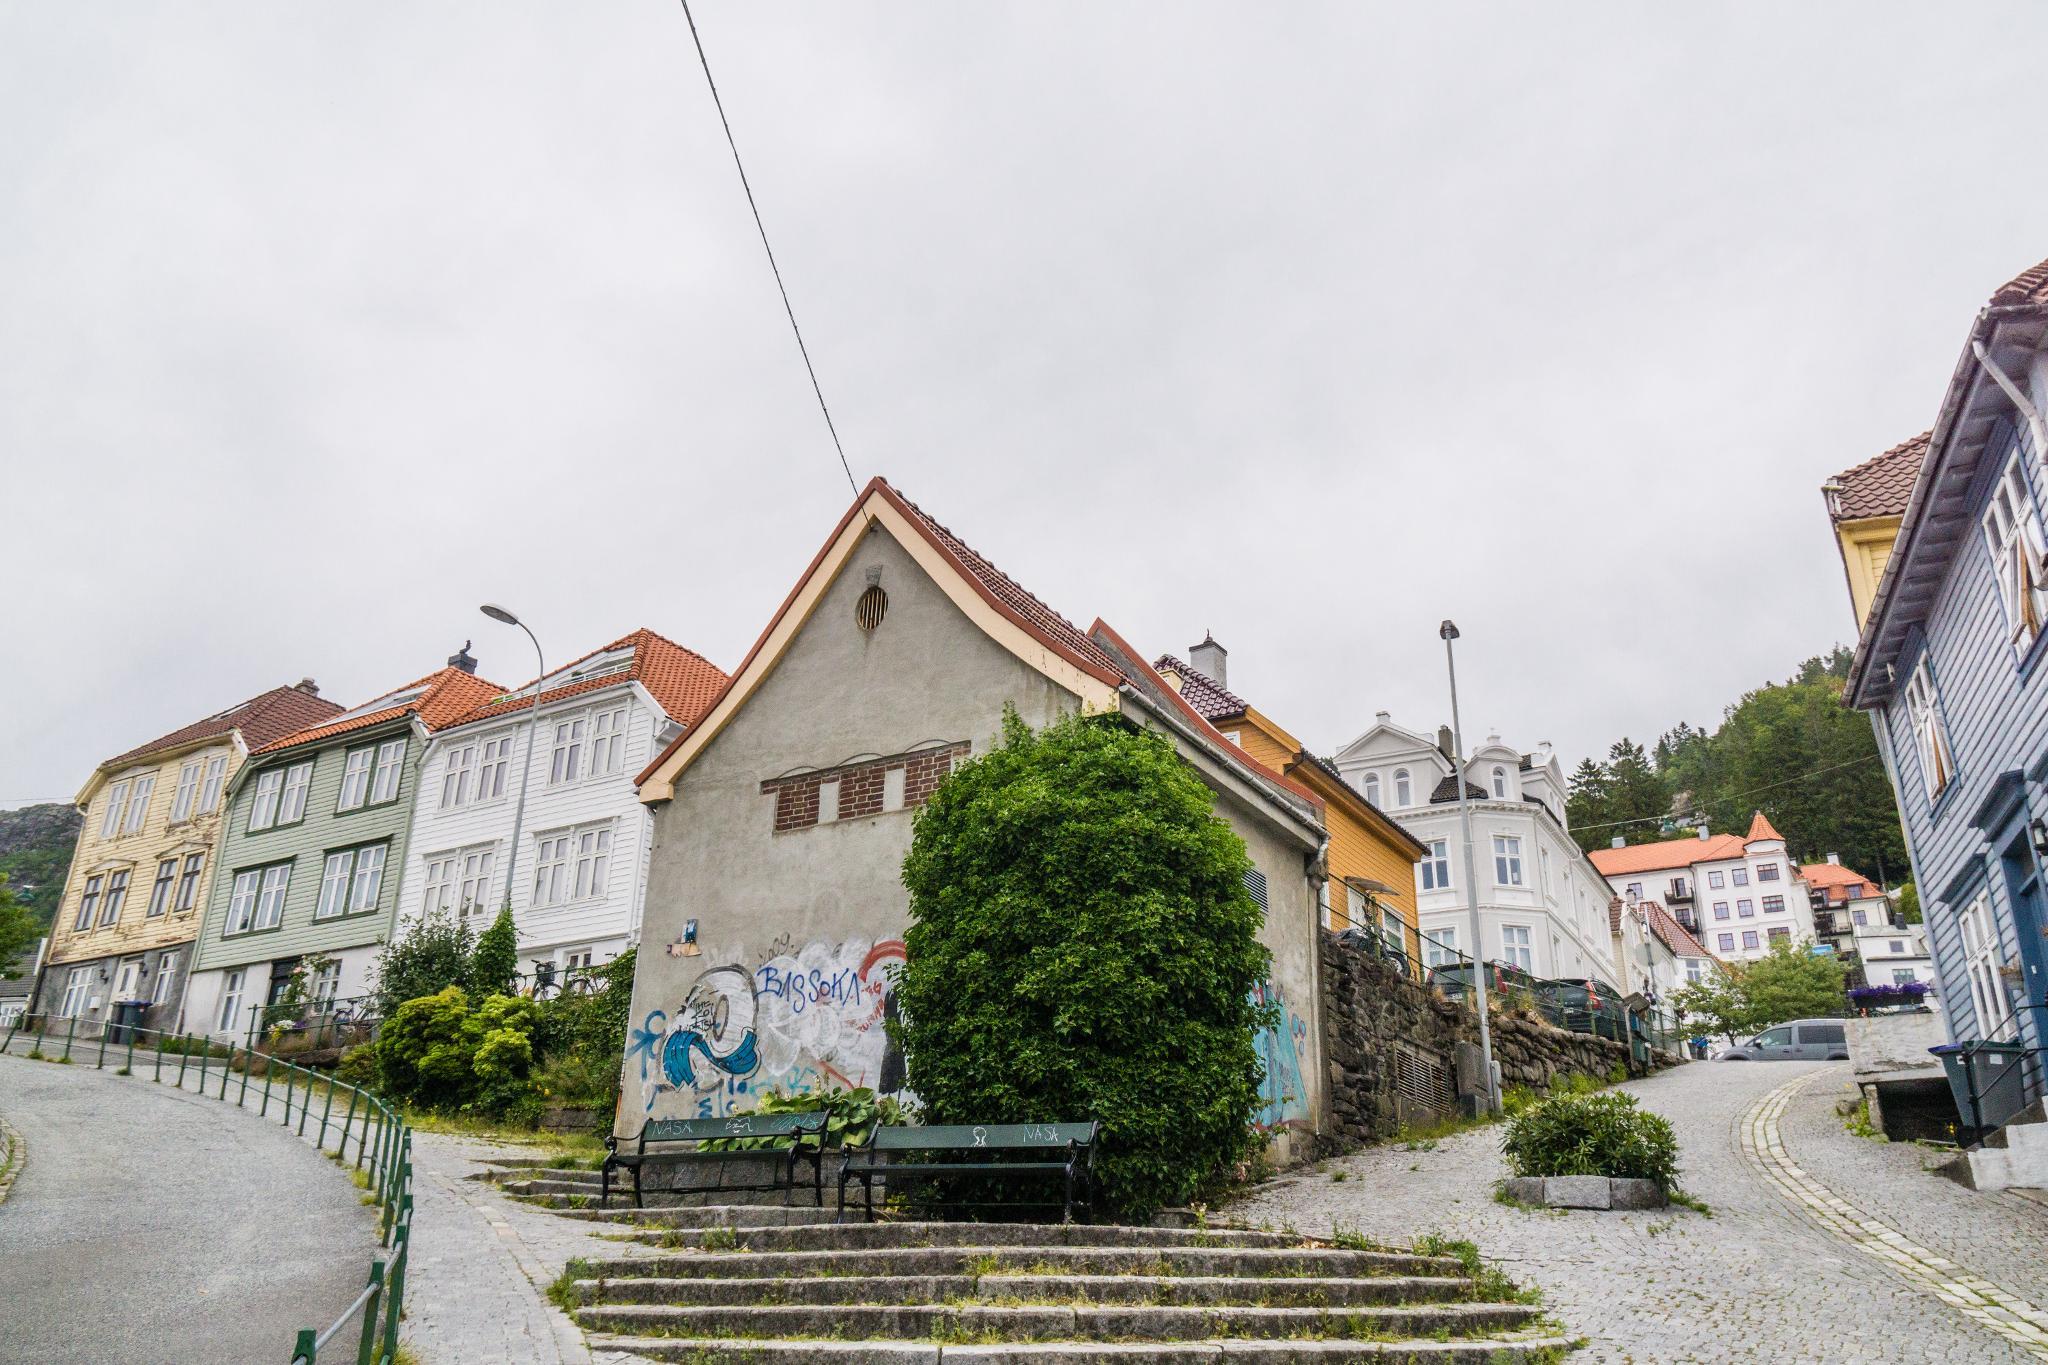 【卑爾根】旅行隨筆:走入卑爾根郊區的尋常百姓家 31